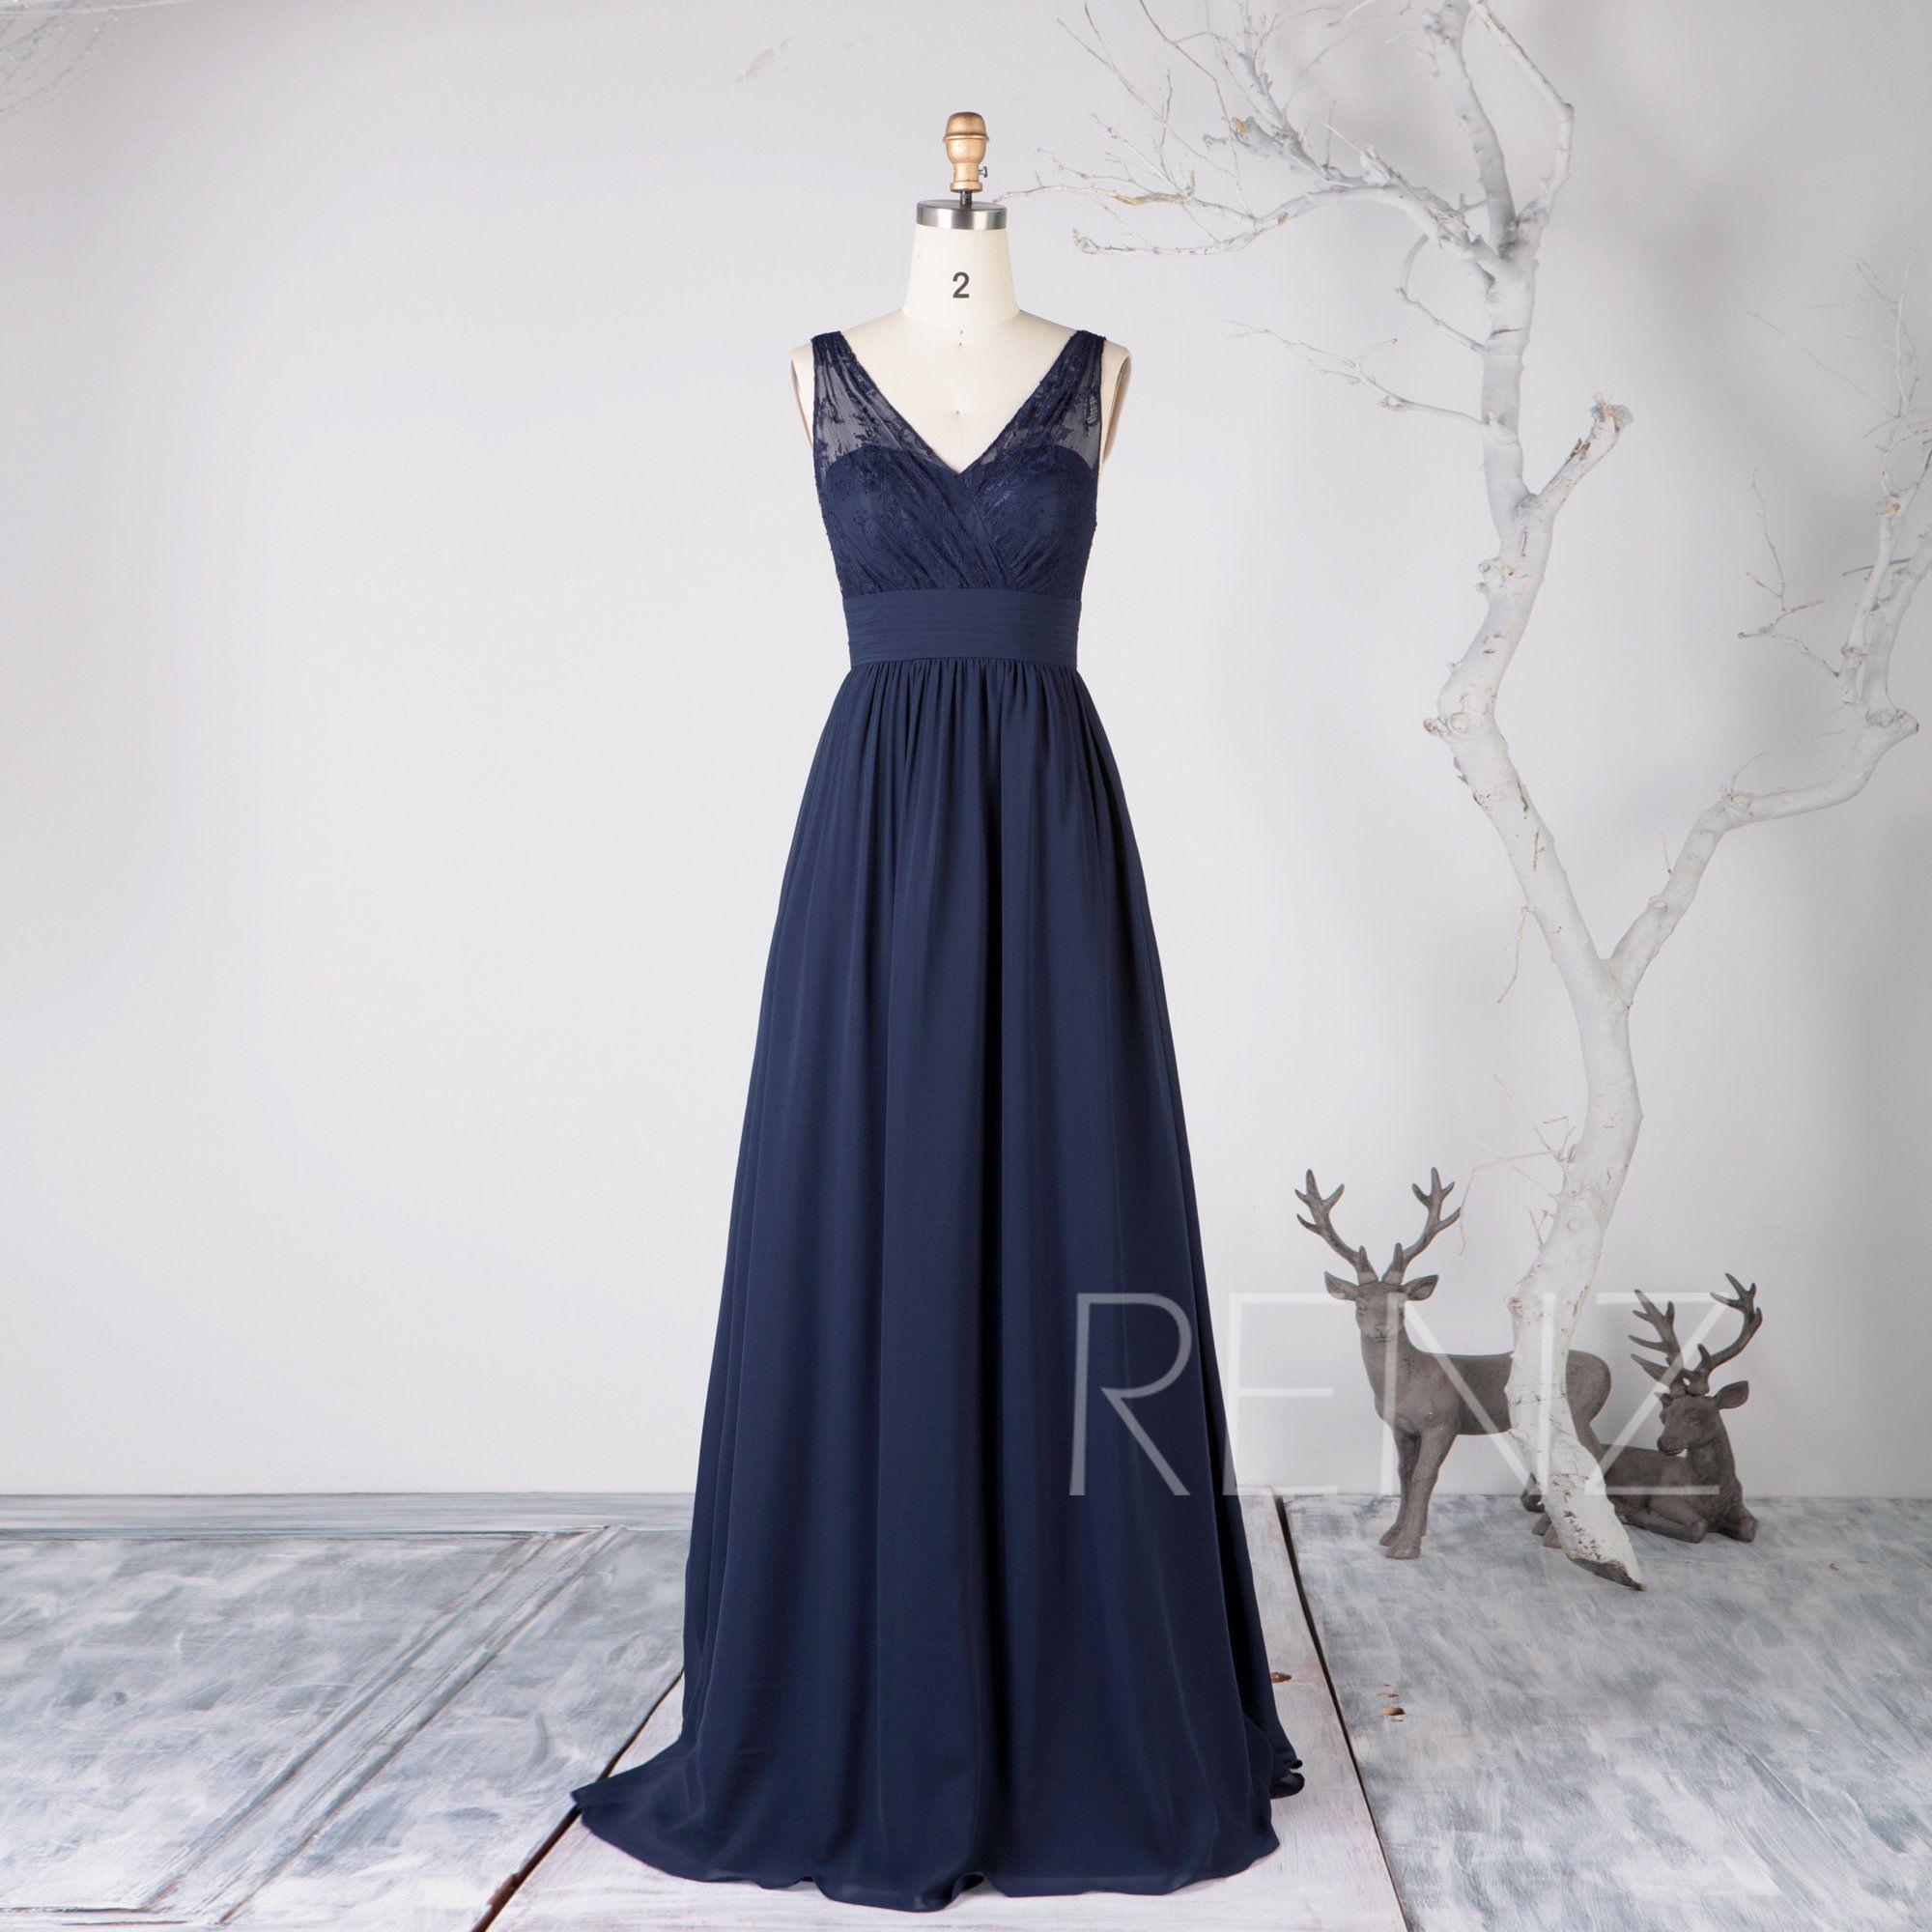 13 Luxus Kleid Hochzeit Blau Vertrieb Großartig Kleid Hochzeit Blau Galerie